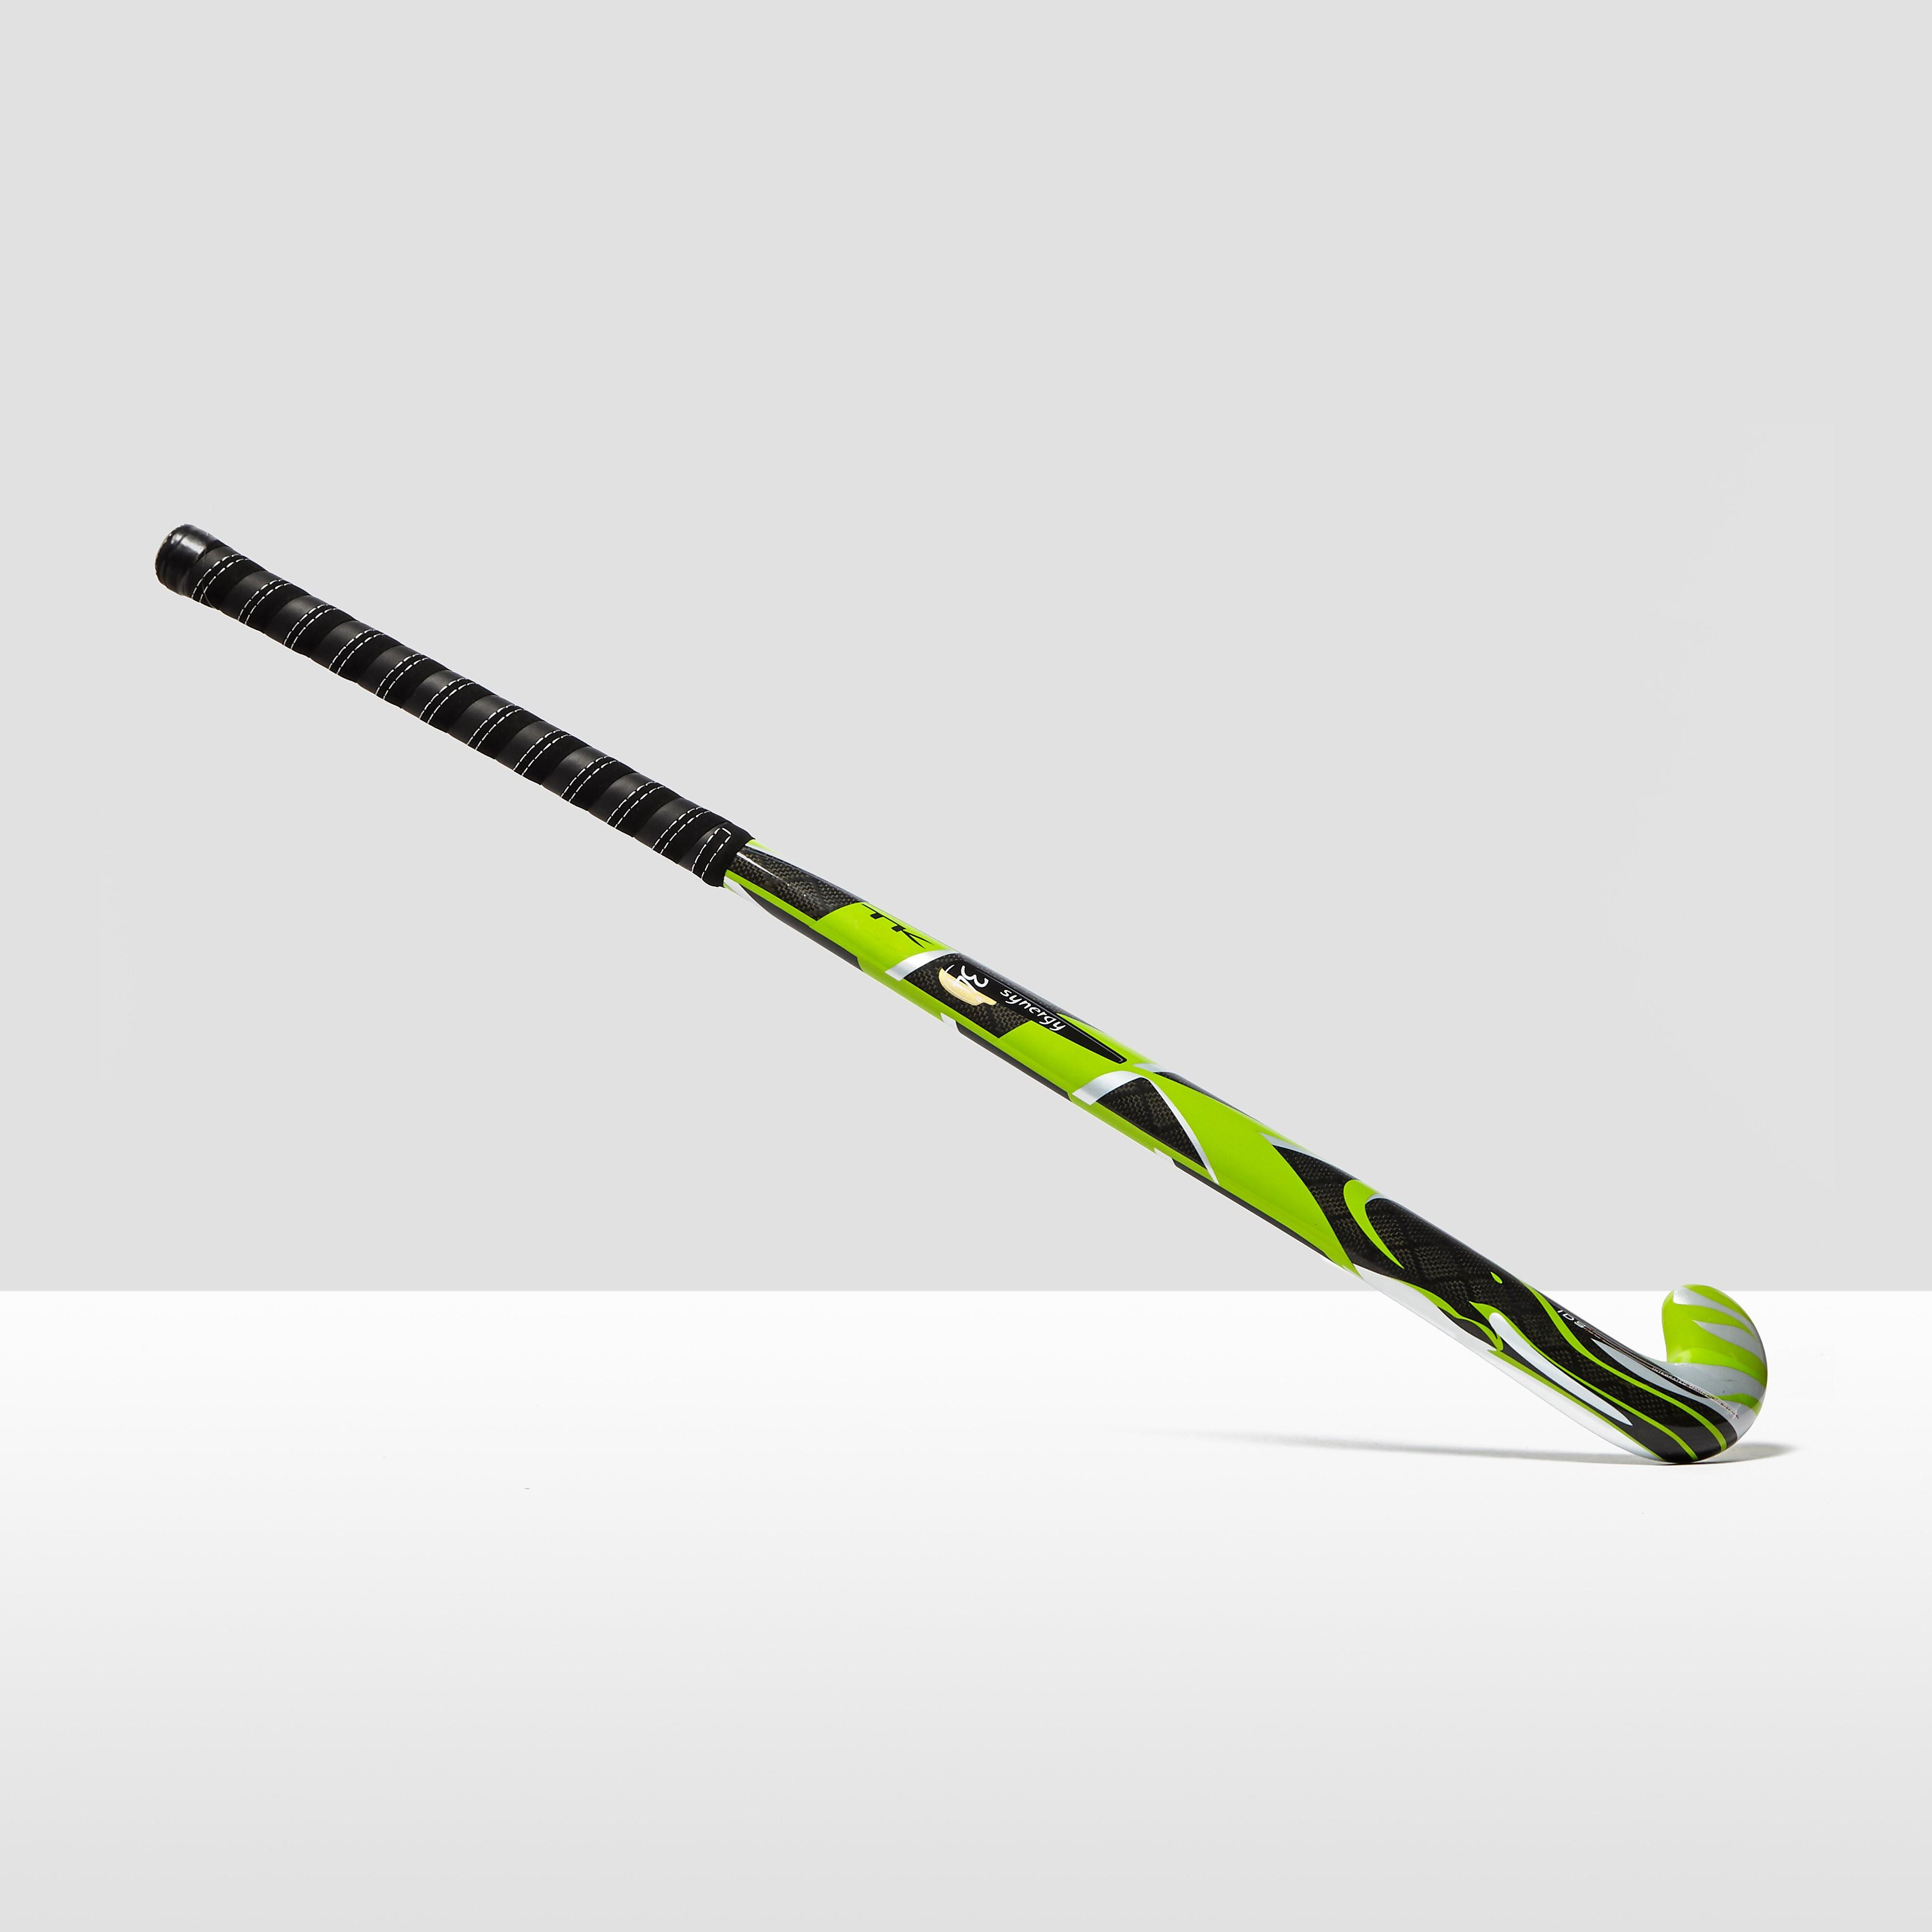 TK Hockey Synergy Junior Hockey Stick